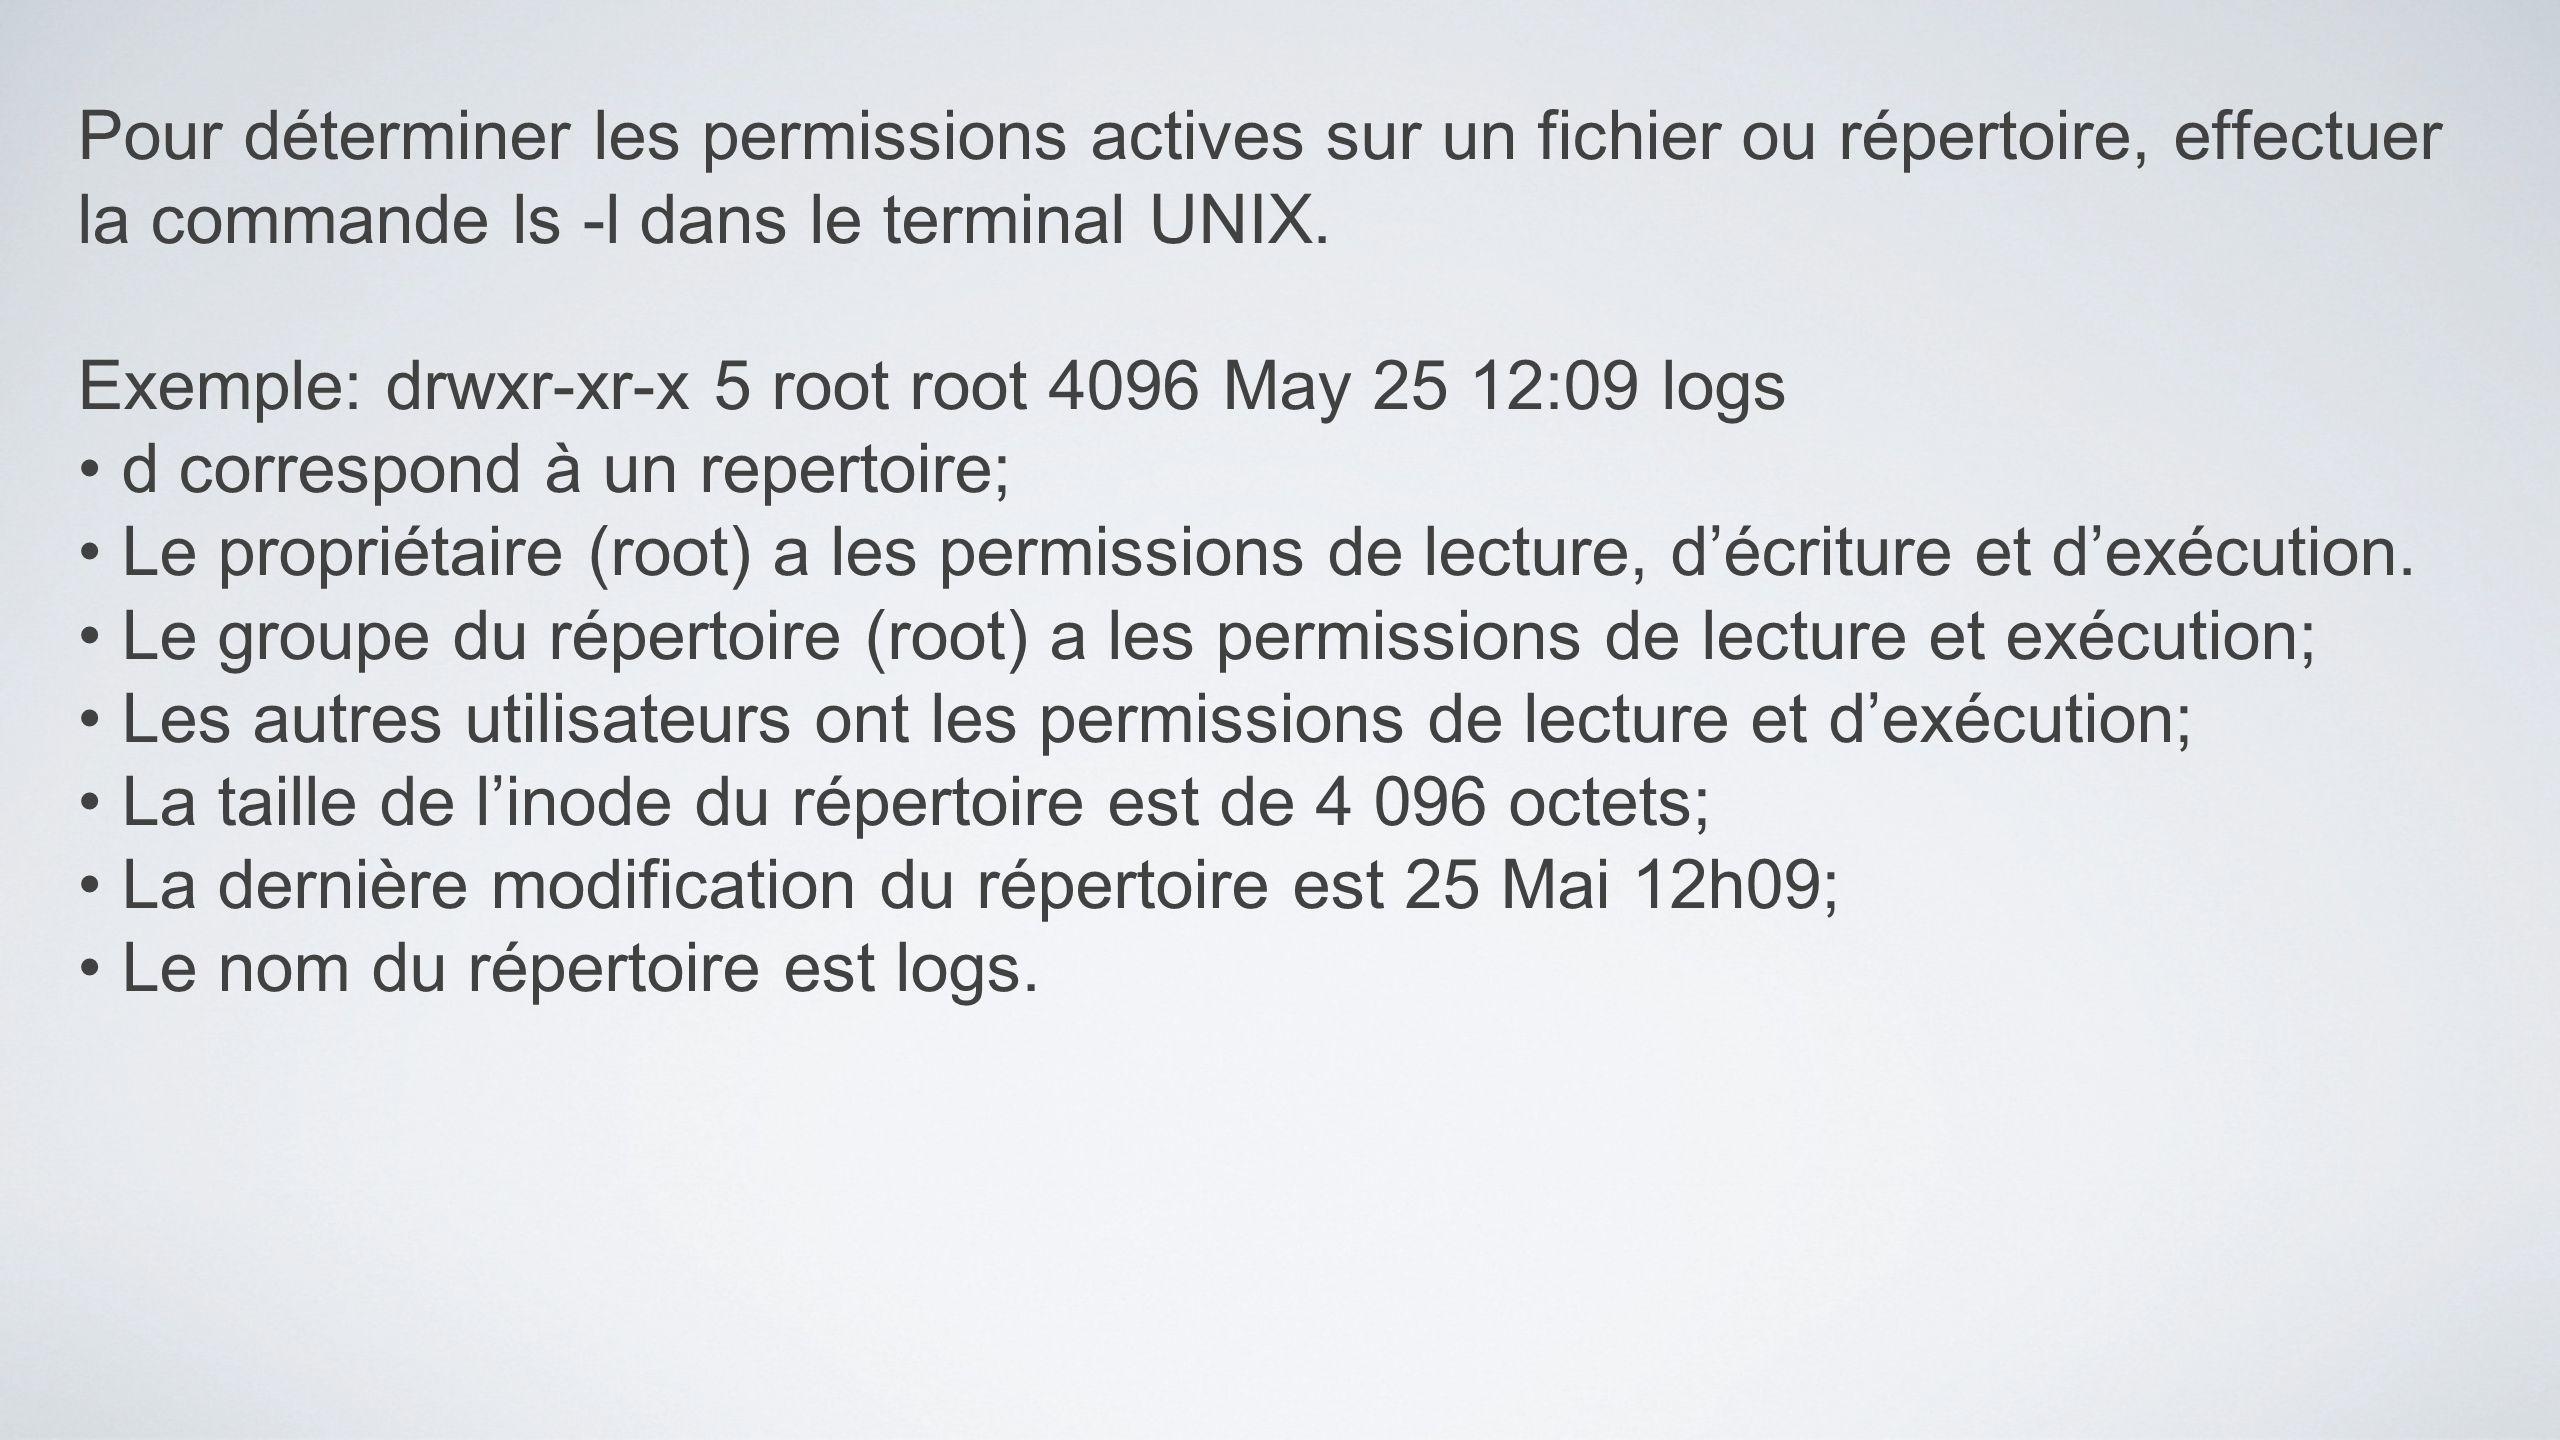 Pour déterminer les permissions actives sur un fichier ou répertoire, effectuer la commande ls -l dans le terminal UNIX. Exemple: drwxr-xr-x 5 root ro